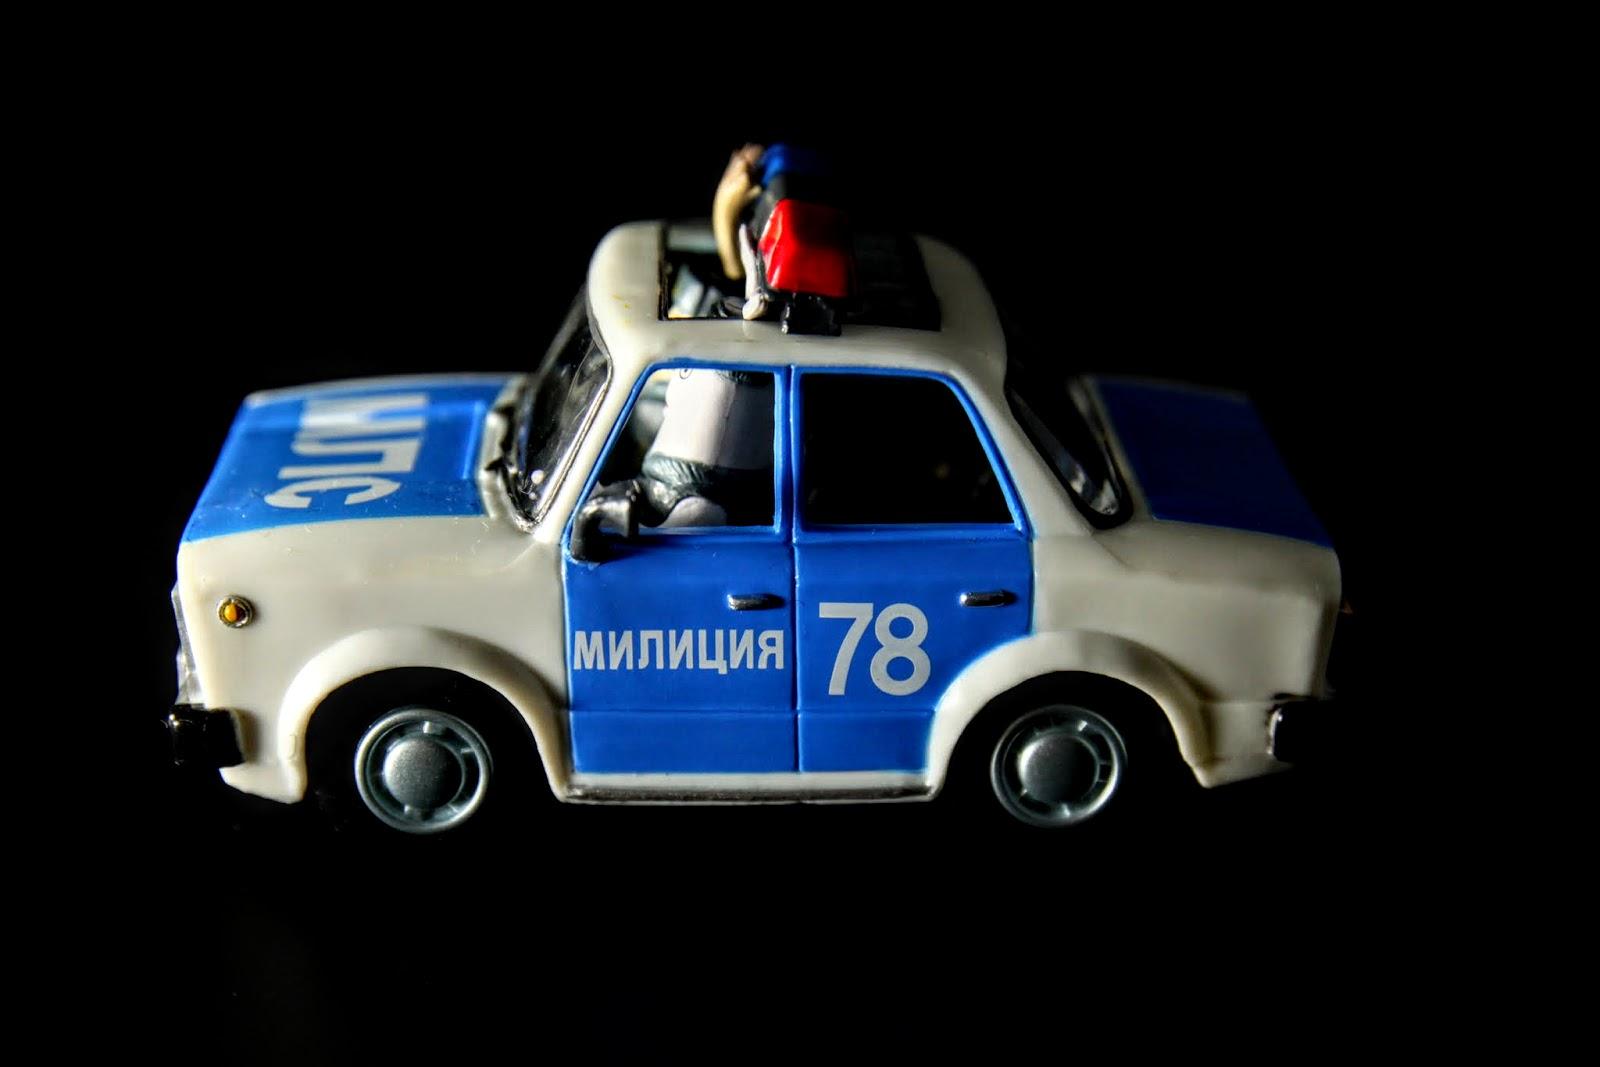 兩隻波麗士開的警車, 中途遇上危險駕駛的基連列克一行人, 於是展開追擊